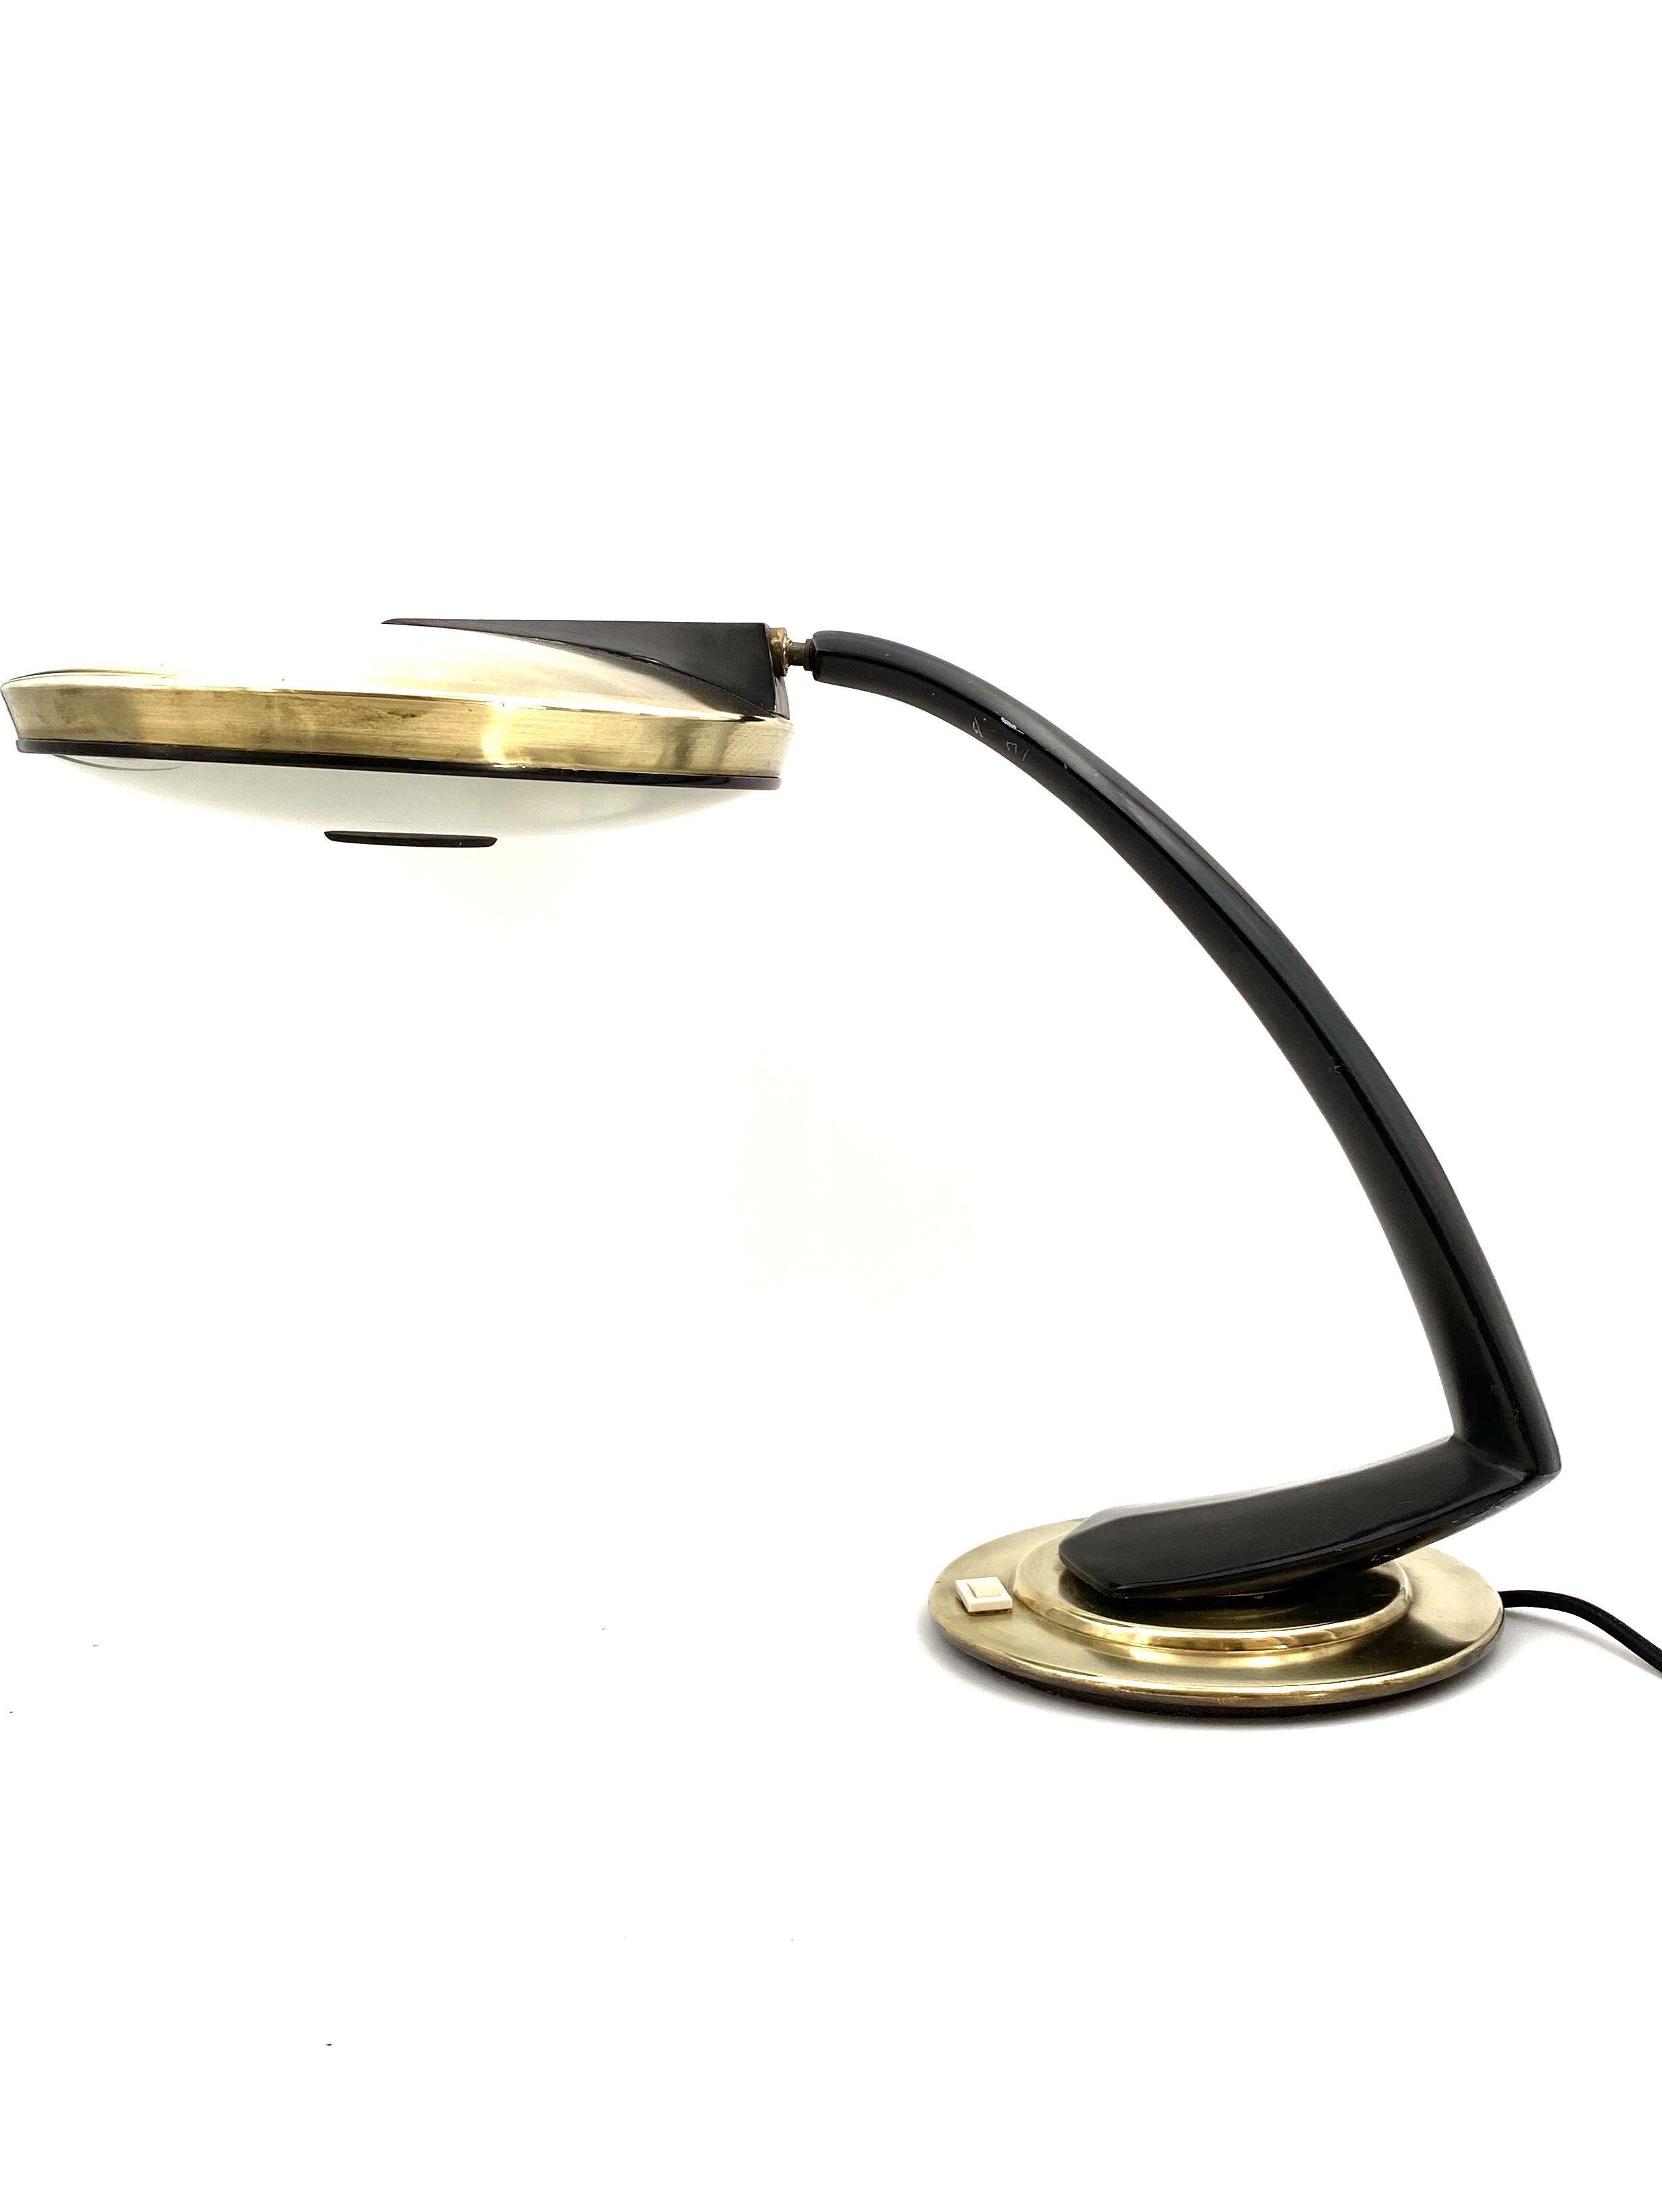 Image of: Vintage Boomerang Gold And Black Desk Lamp Fase Madrid Spain 1960 Design Market